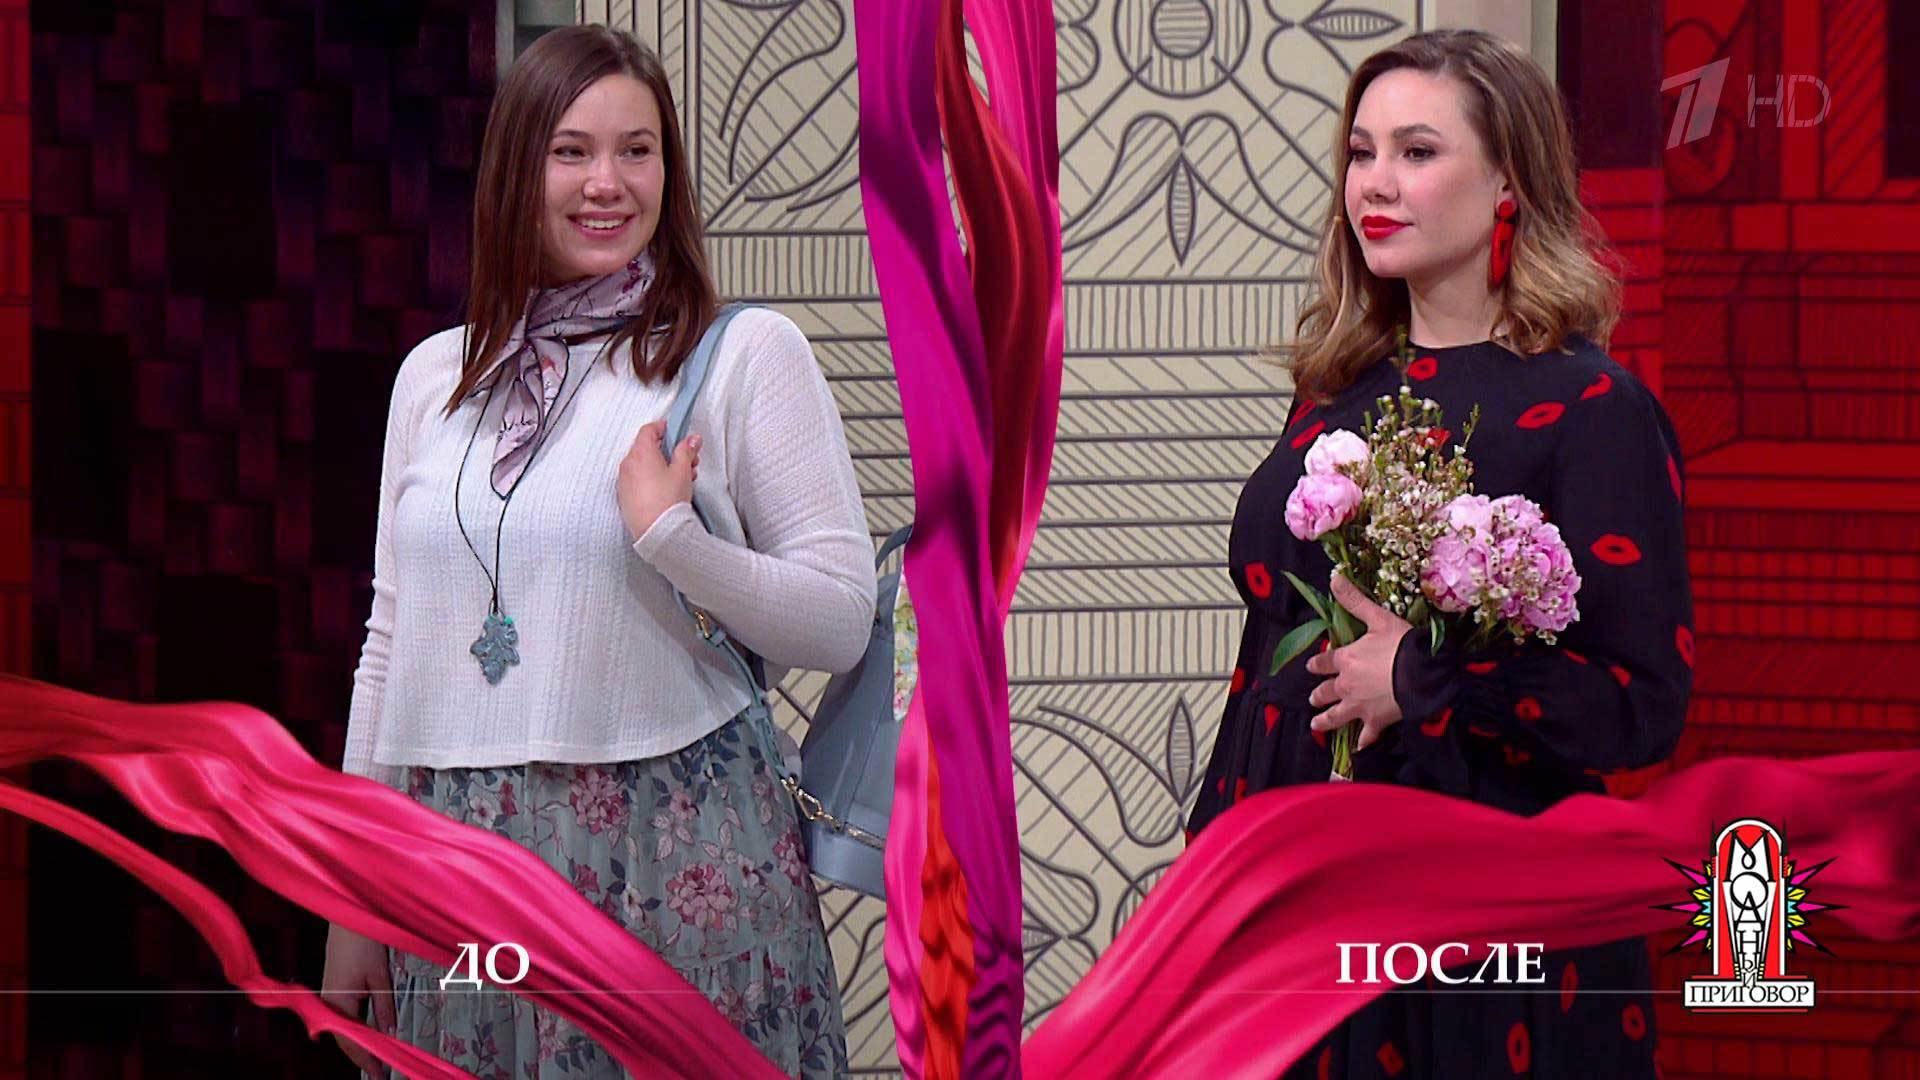 «Модный приговор». Дело «Русская жена— всем хороша, ноне леди!»